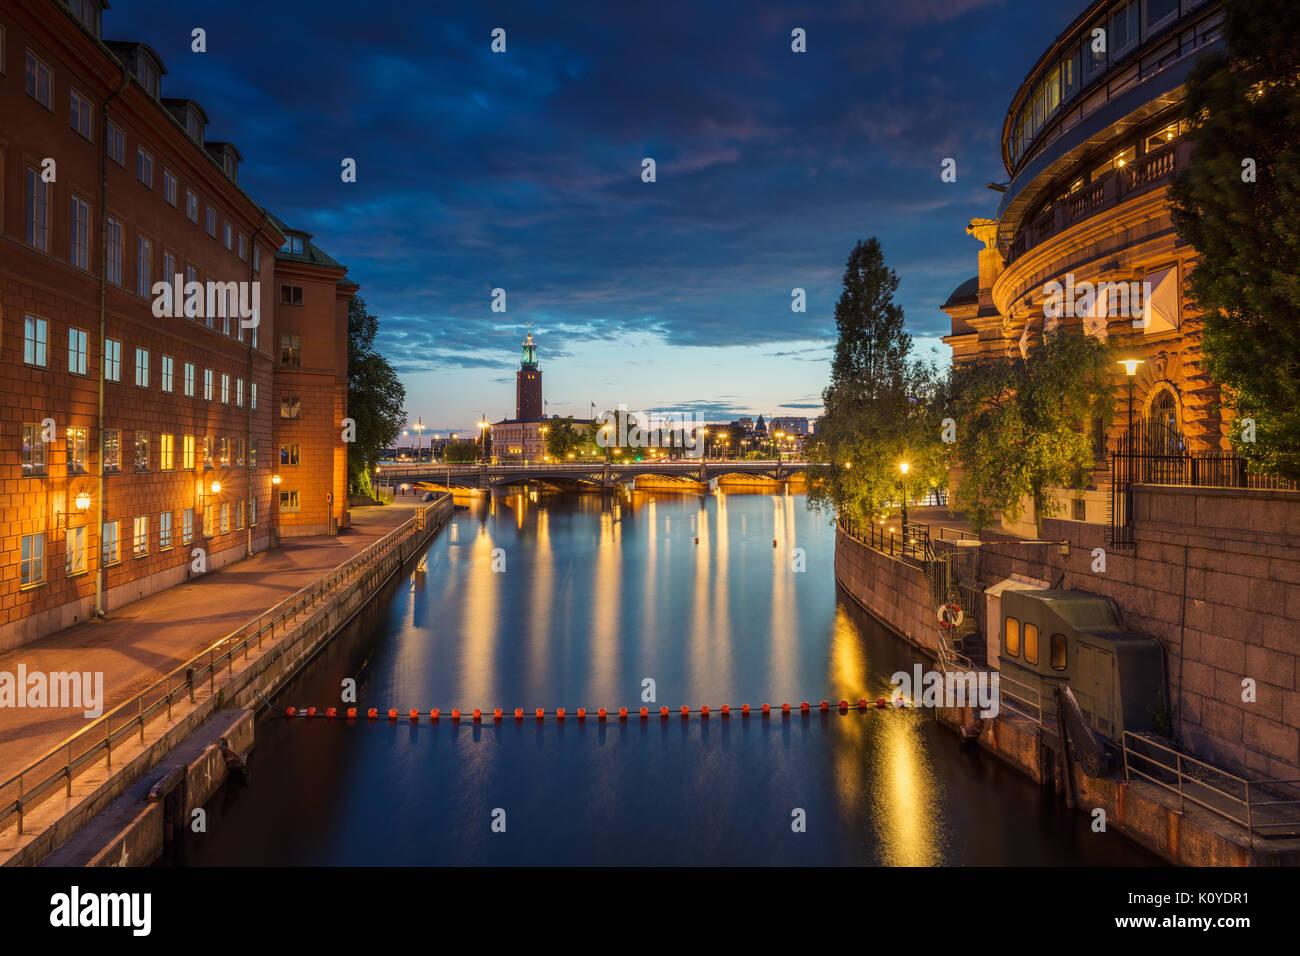 Stoccolma. cityscape immagine della città vecchia di Stoccolma, in Svezia durante il tramonto. Immagini Stock